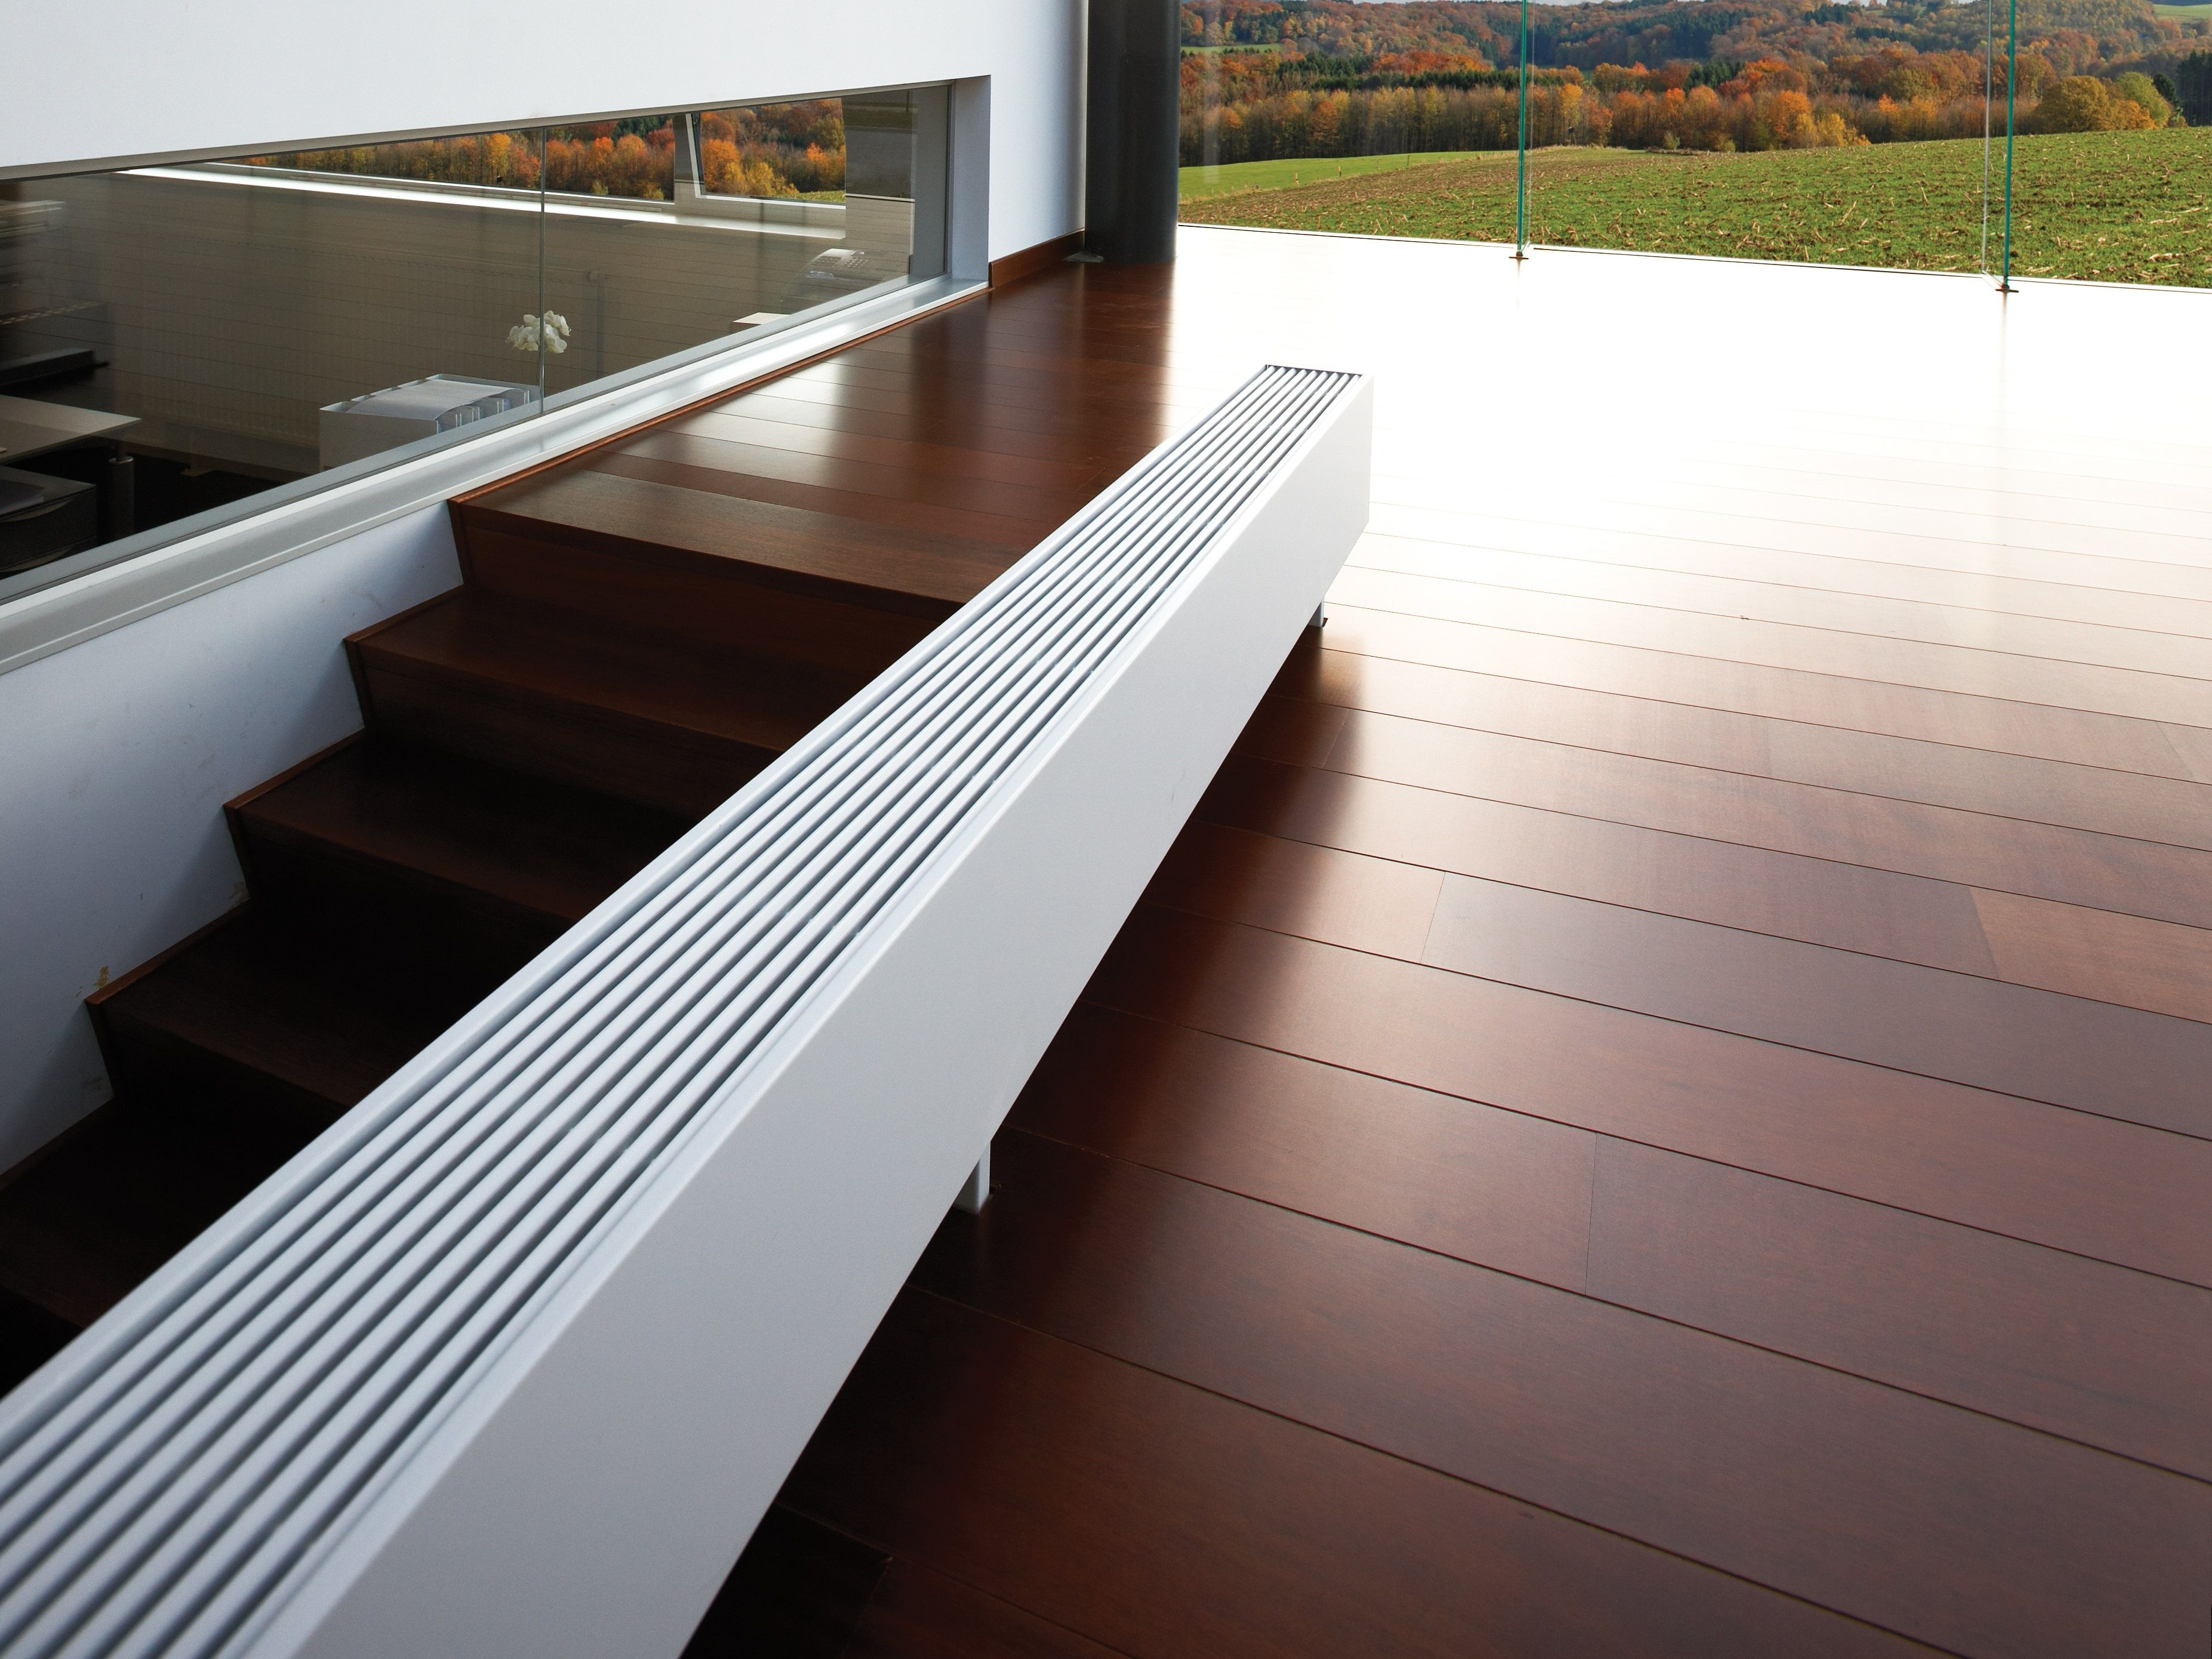 flache heizkörper für die wand wohnzimmer  Modern house exterior